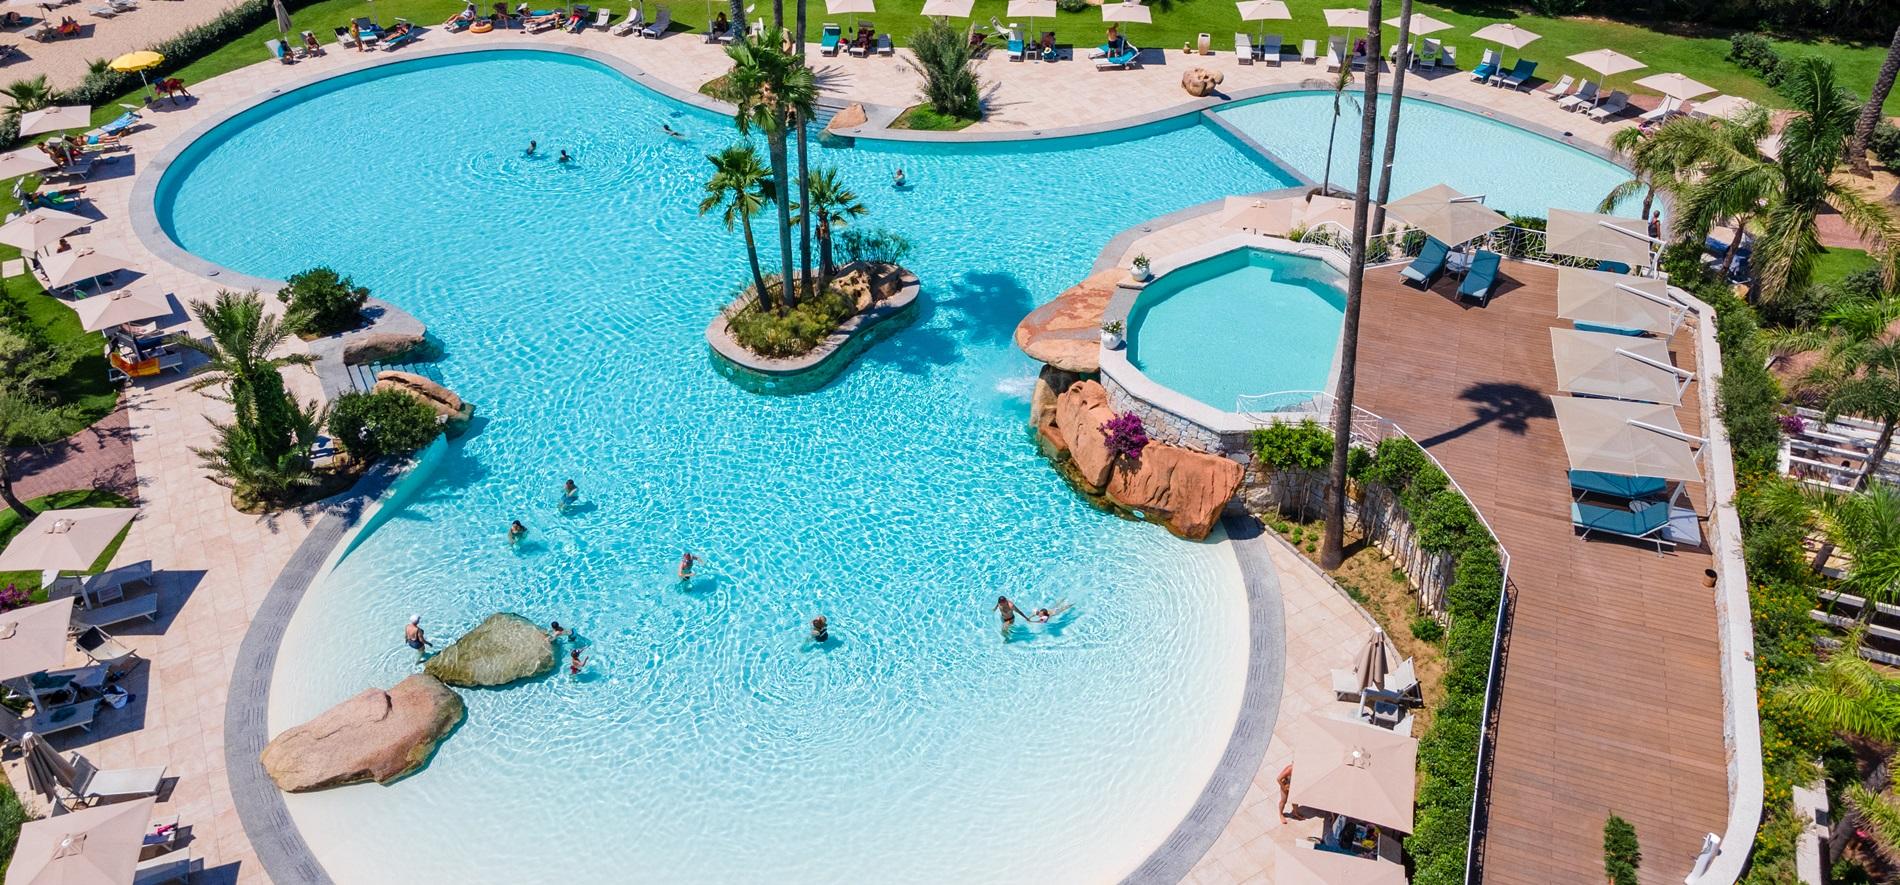 hotel-con-piscina-tropicale-acqua-di-mare-sardegna01